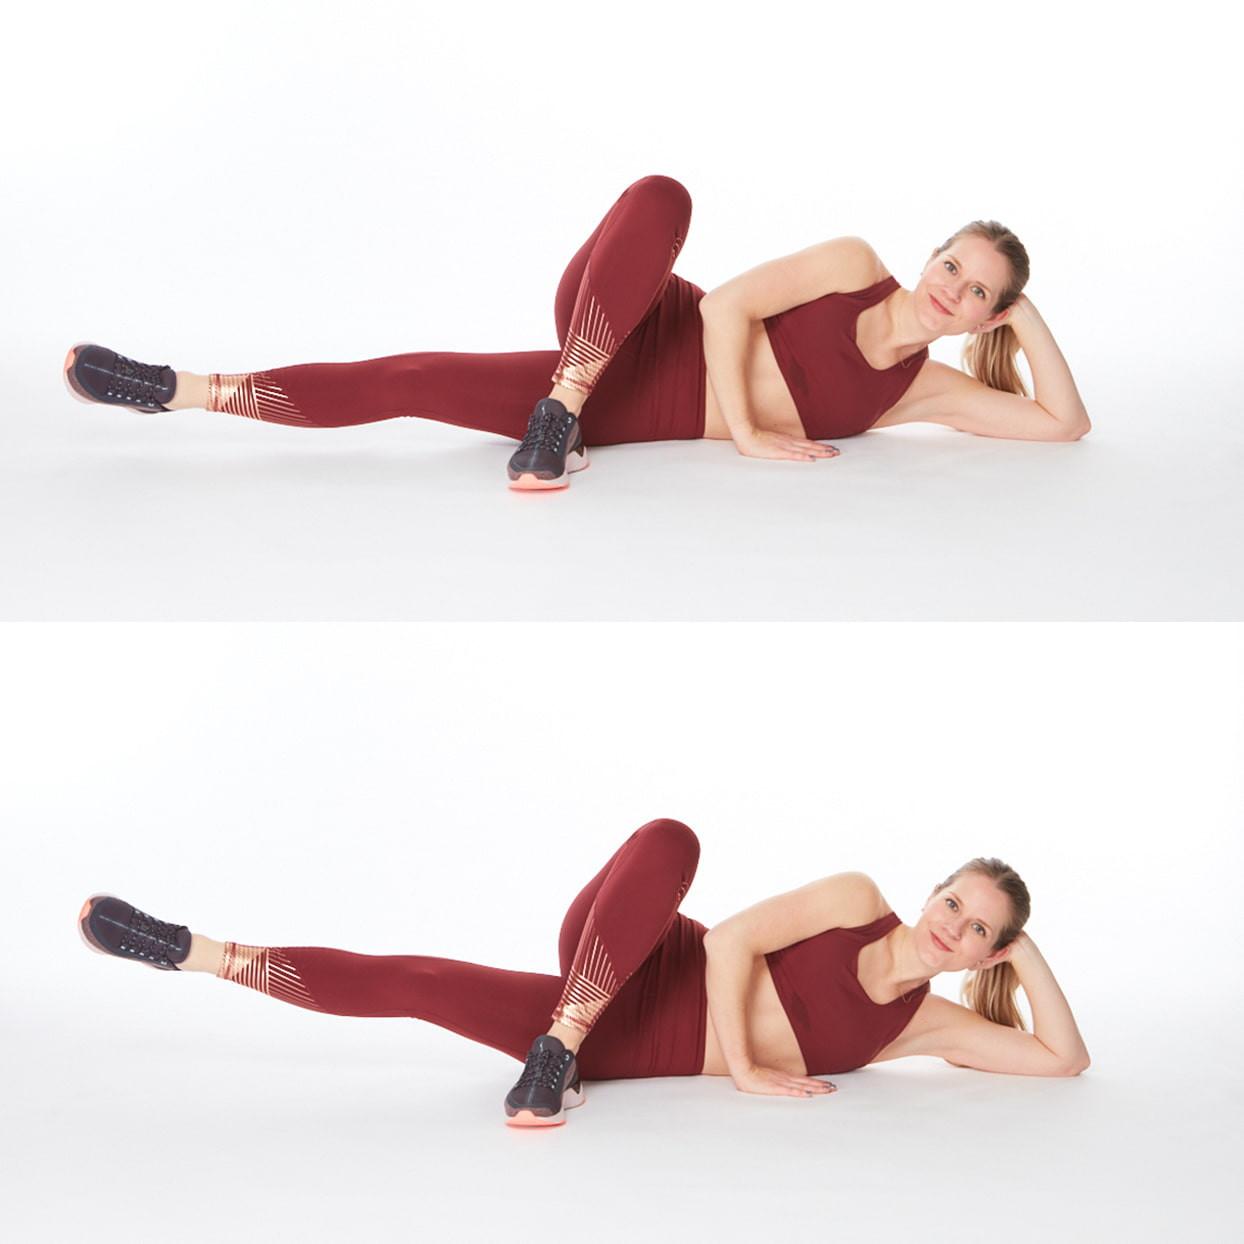 تمارين لشد الجسم - التمرين الثالث لشد المؤخرة